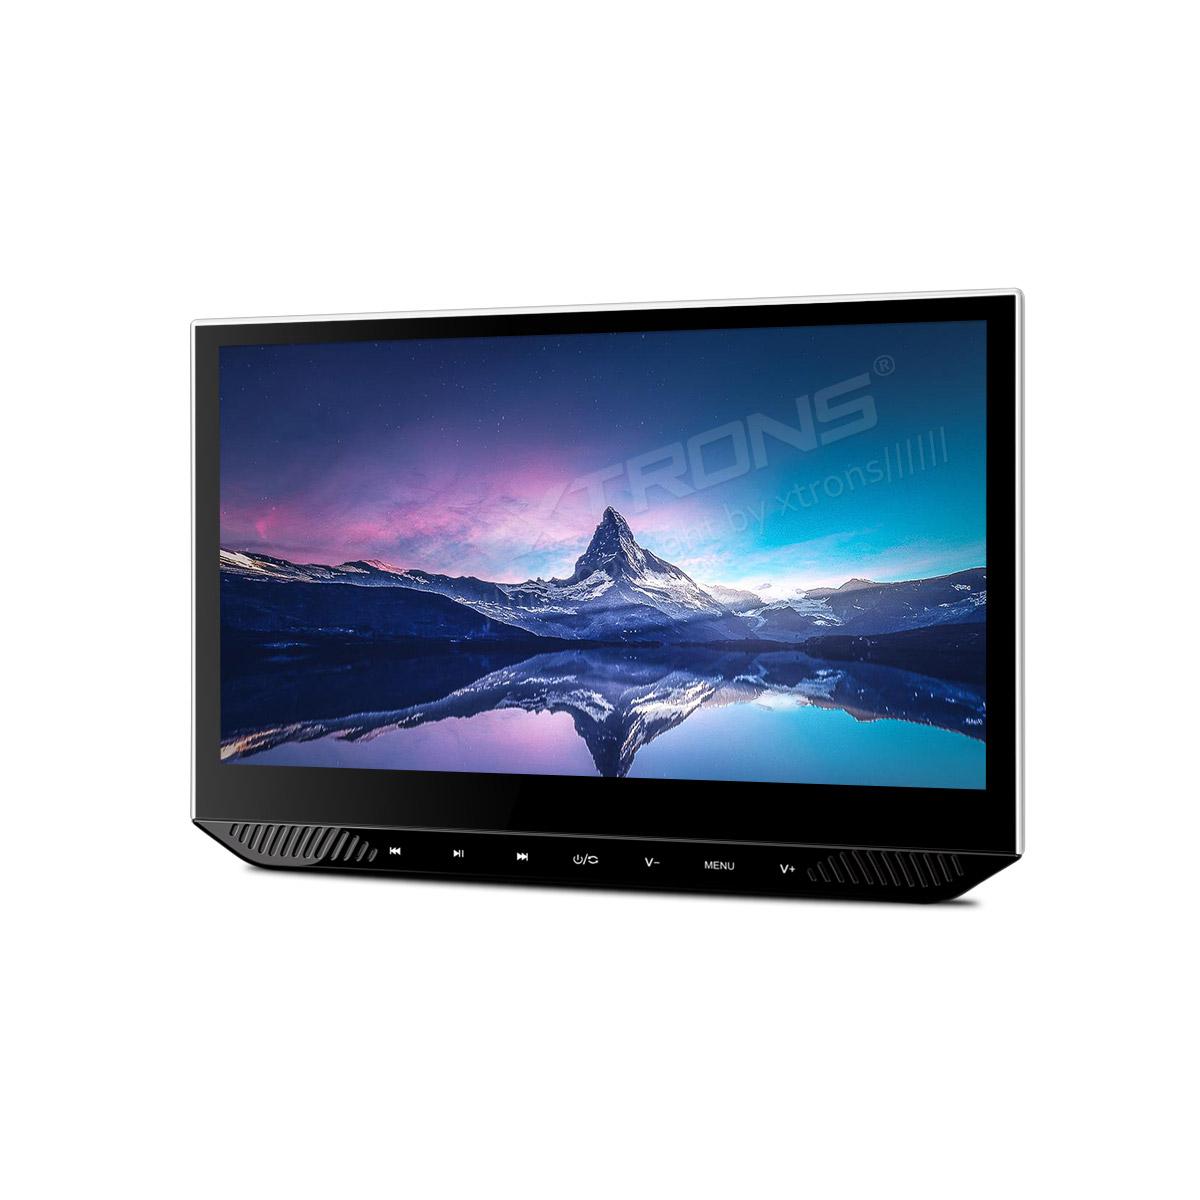 フルHDヘッドレストモニター HDMI入力対応 HM131HD オリジナル 新作製品 世界最高品質人気 XTRONS IPS大画面 フルHD 広視野角対応 1080Pビデオ再生対応 13.3インチ ヘッドレストモニター 1個セット HDMI機能 1920 1080高画質